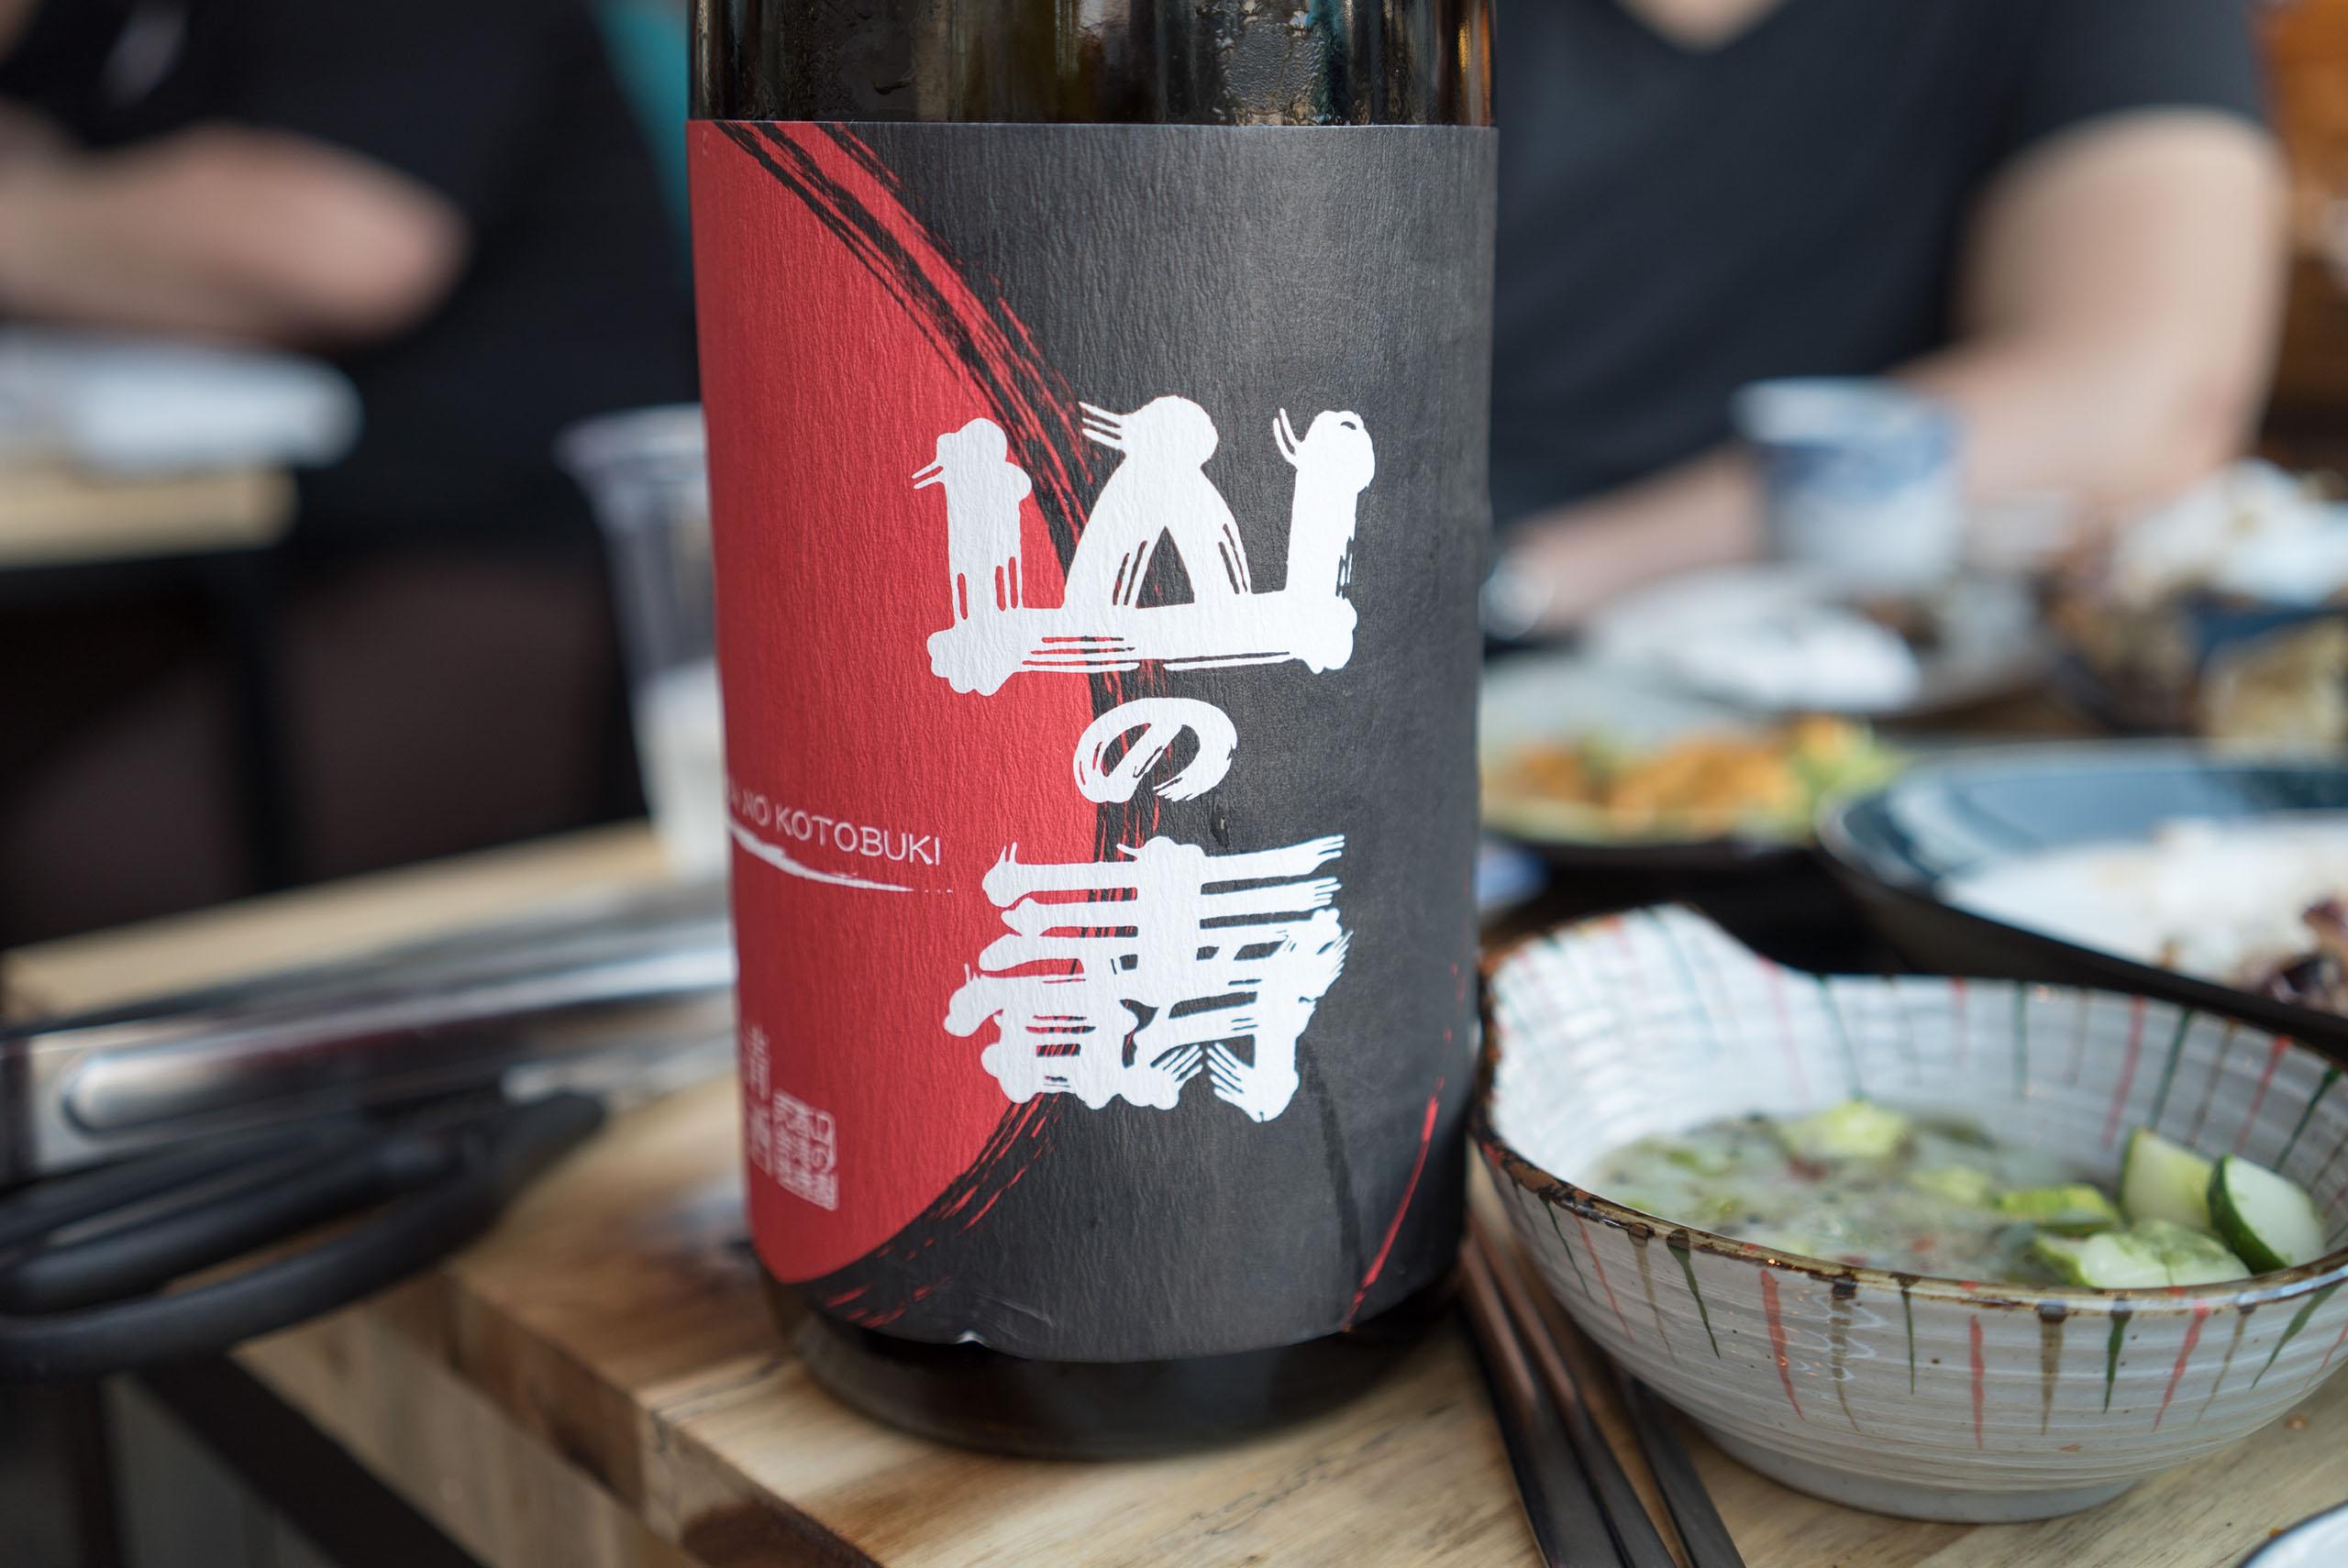 야마노코토부키 쥰마이긴죠 오마치